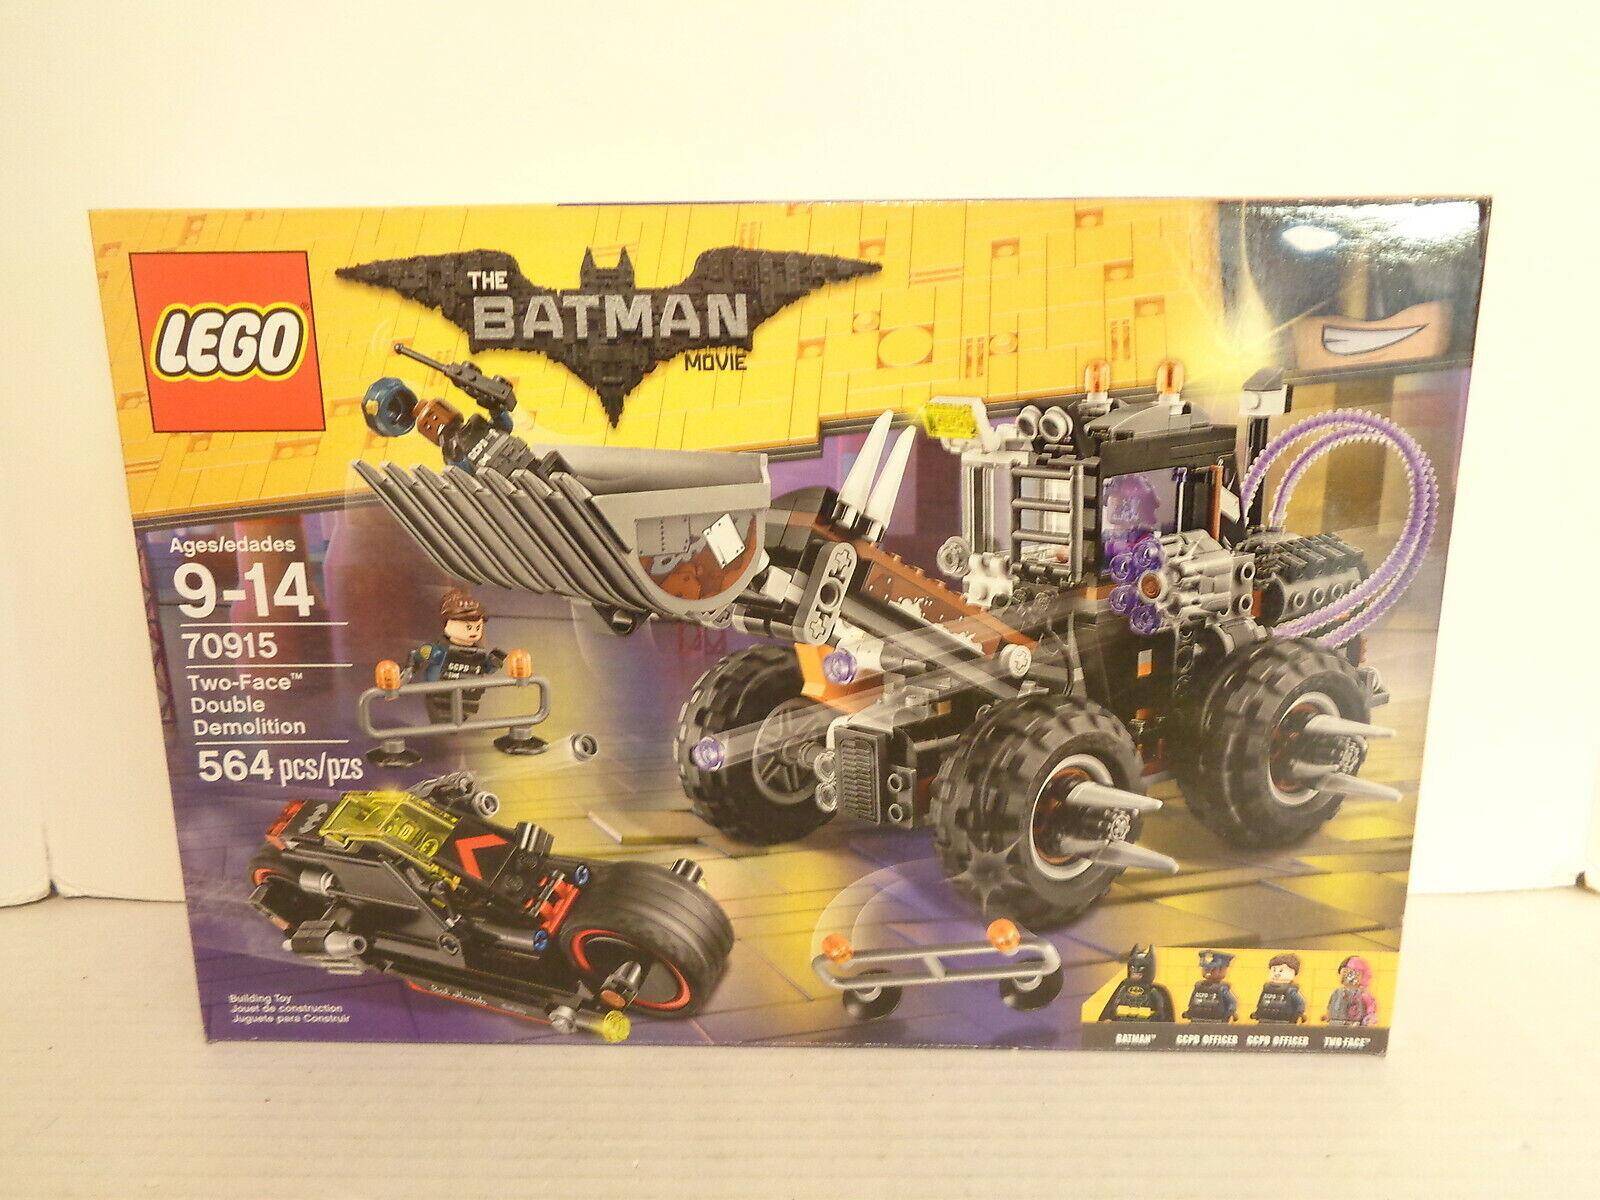 2017 The Lego Batuomo Movie   70915 Two-Face doppio Demolition costruzione Set MIP  in vendita